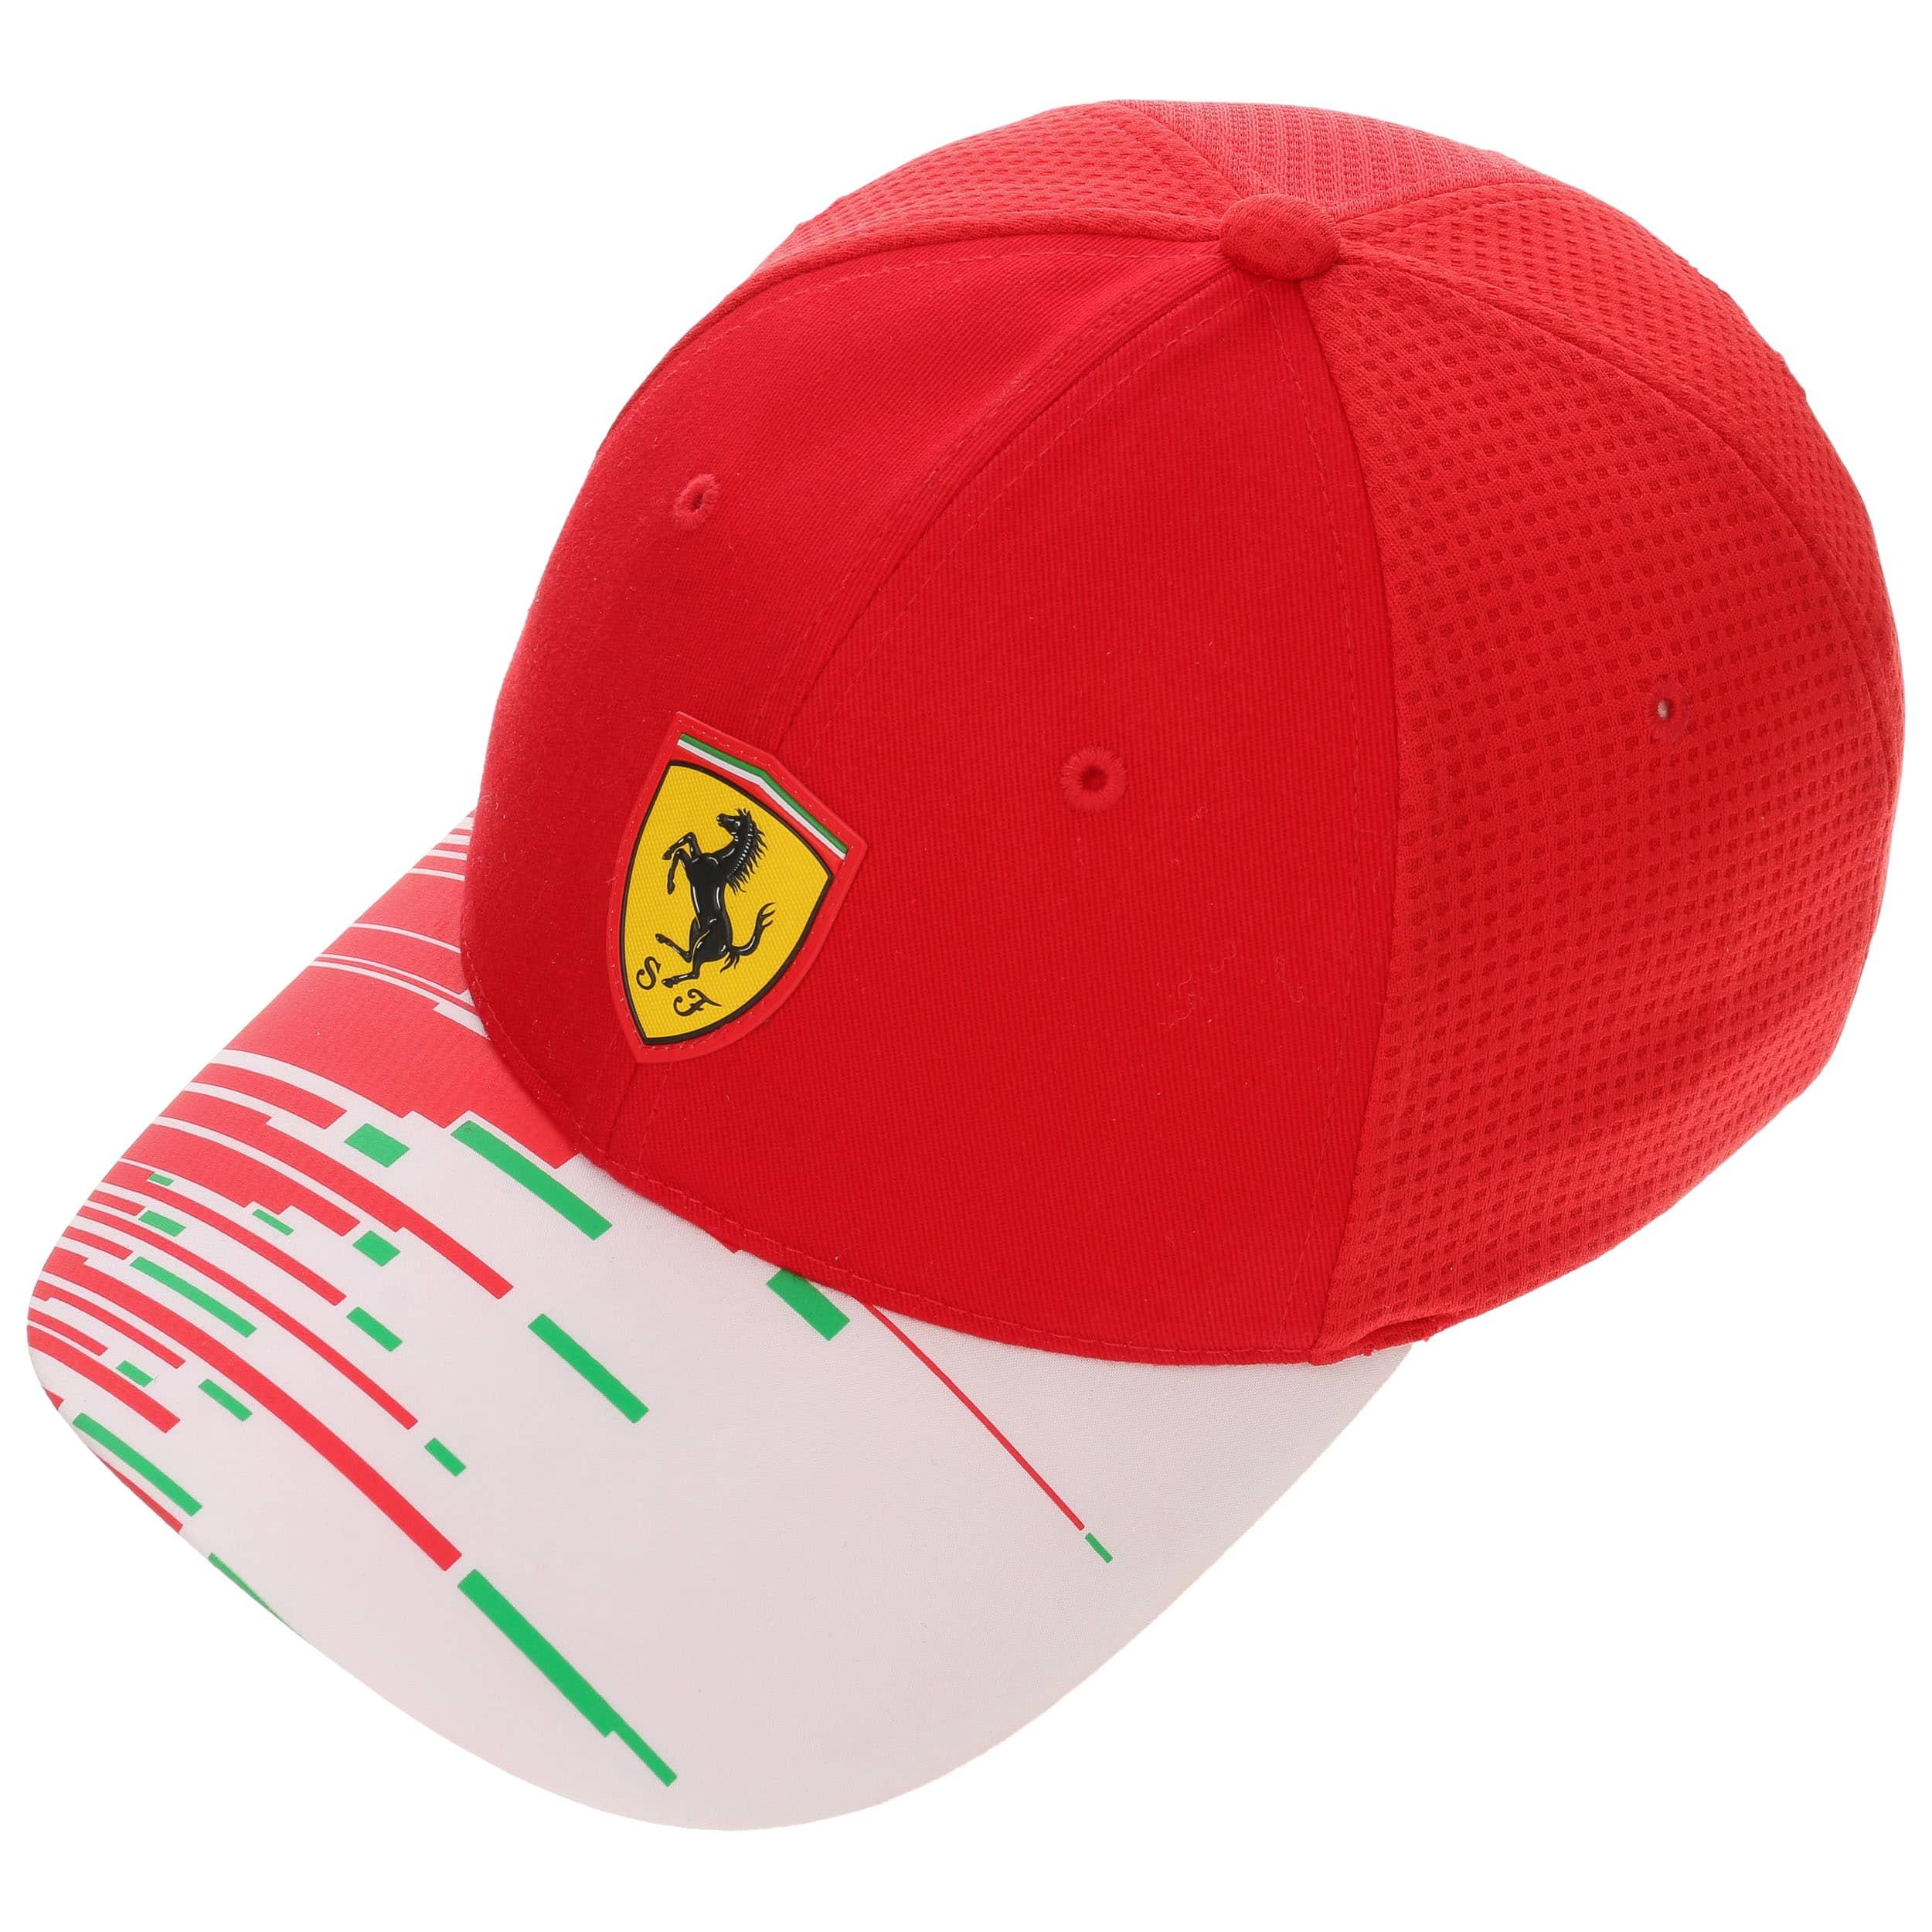 Ferrari Replica Team Cap. by PUMA 6d4e25b5abb8